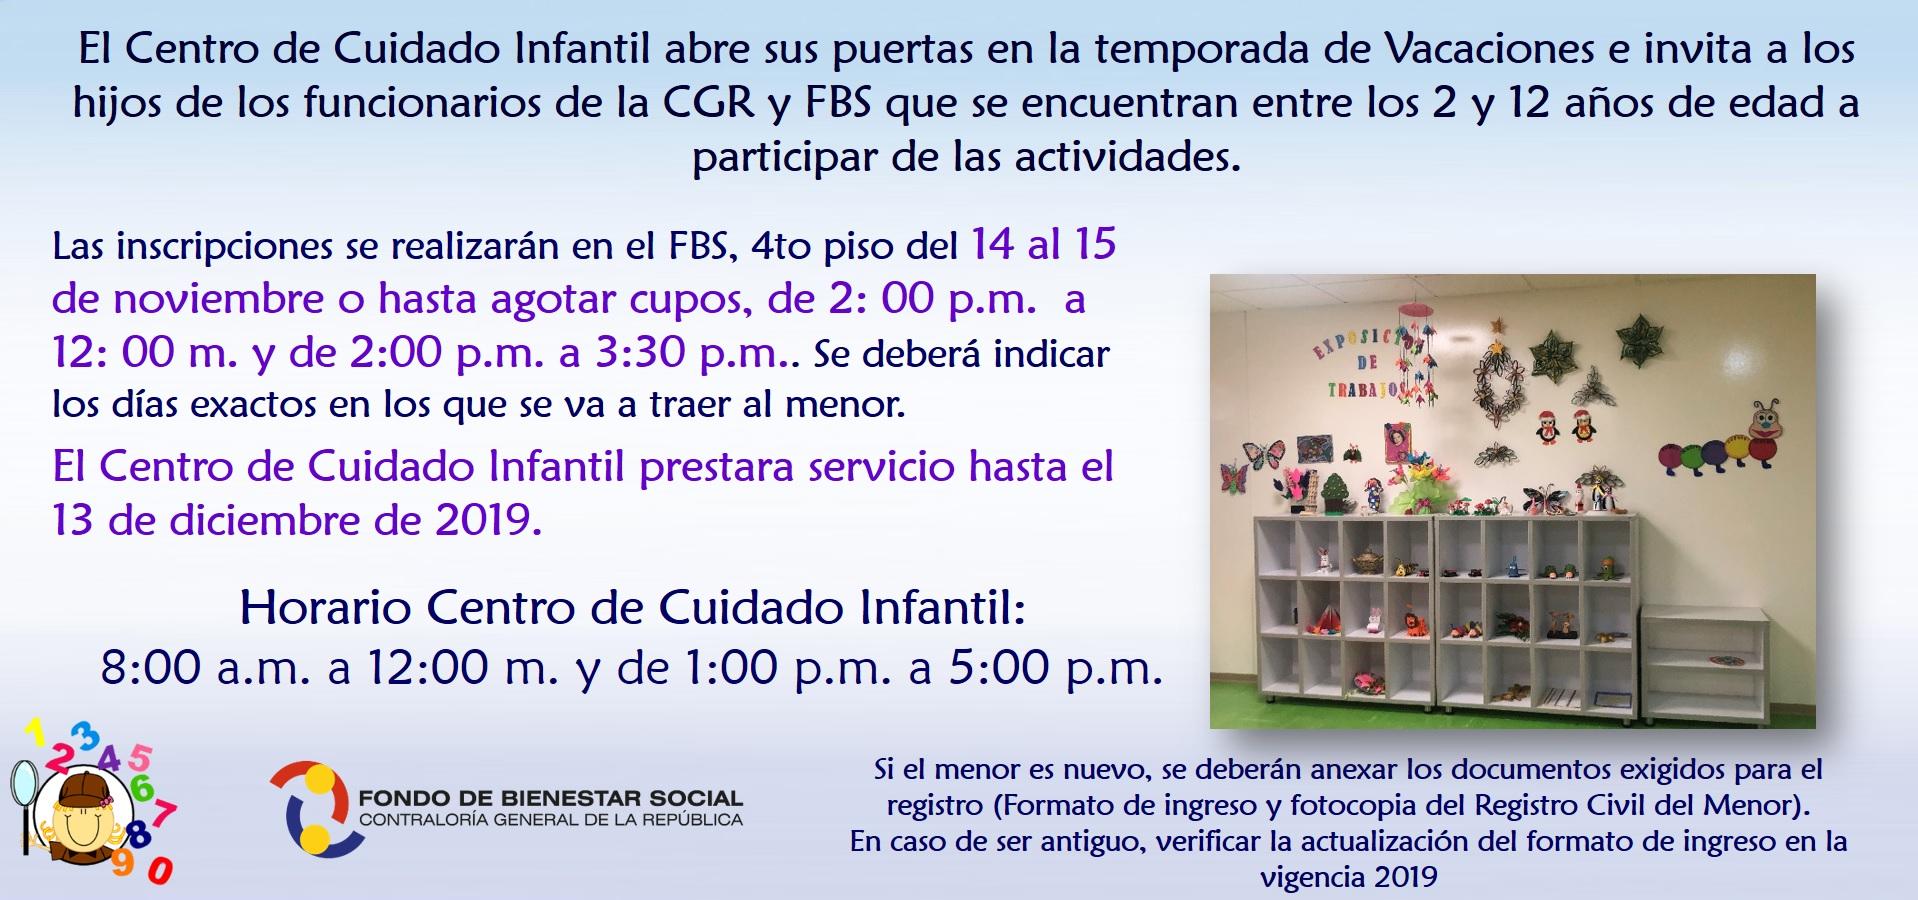 Informacion Inscripciones Centro de Cuidado Infantil